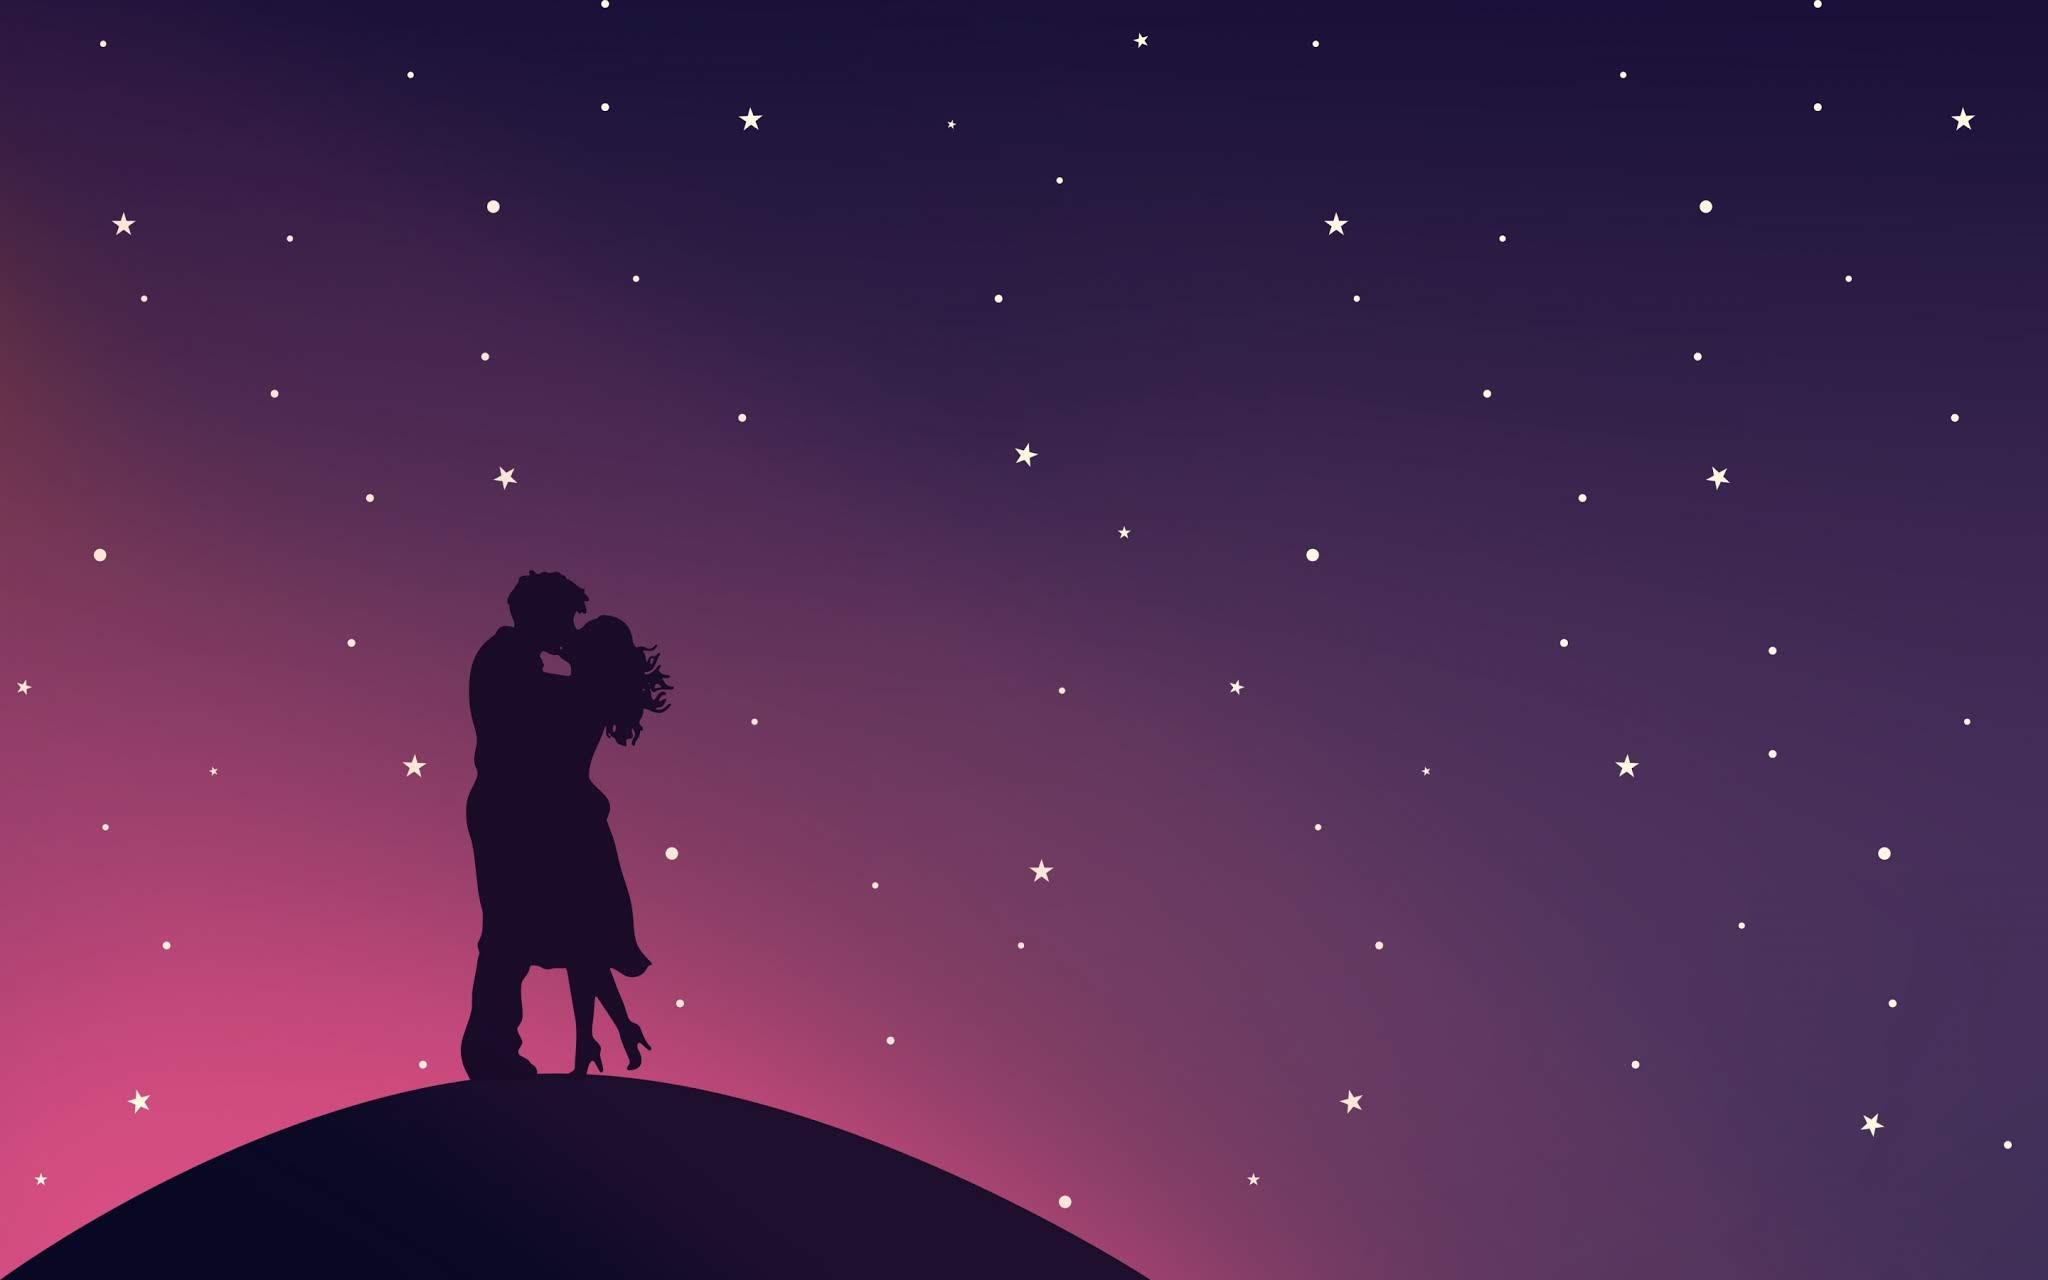 Noite Romantica Casal Apaixonado